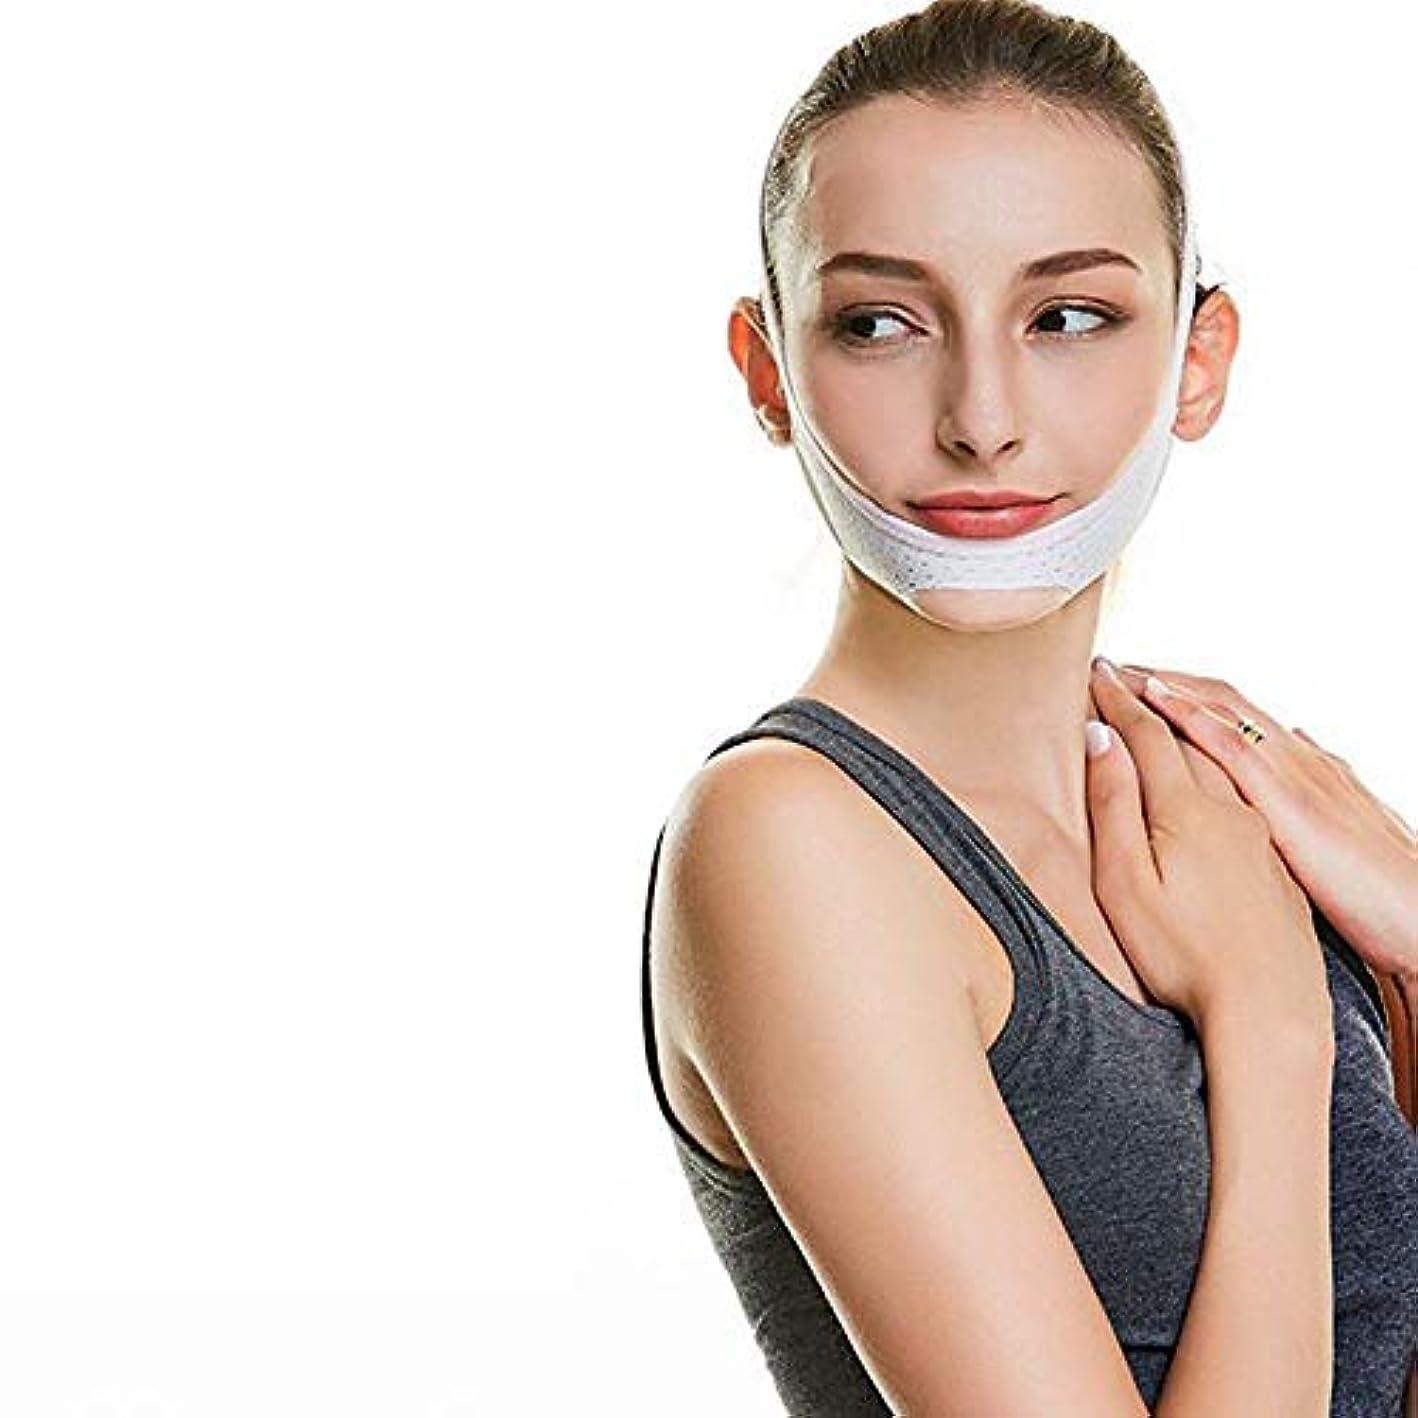 未亡人任意従事するVフェイスライン包帯、顎ほぐれ防止防シワマスク極薄ベルト/ダブルチンフェイスタイプアライナ(ホワイト)